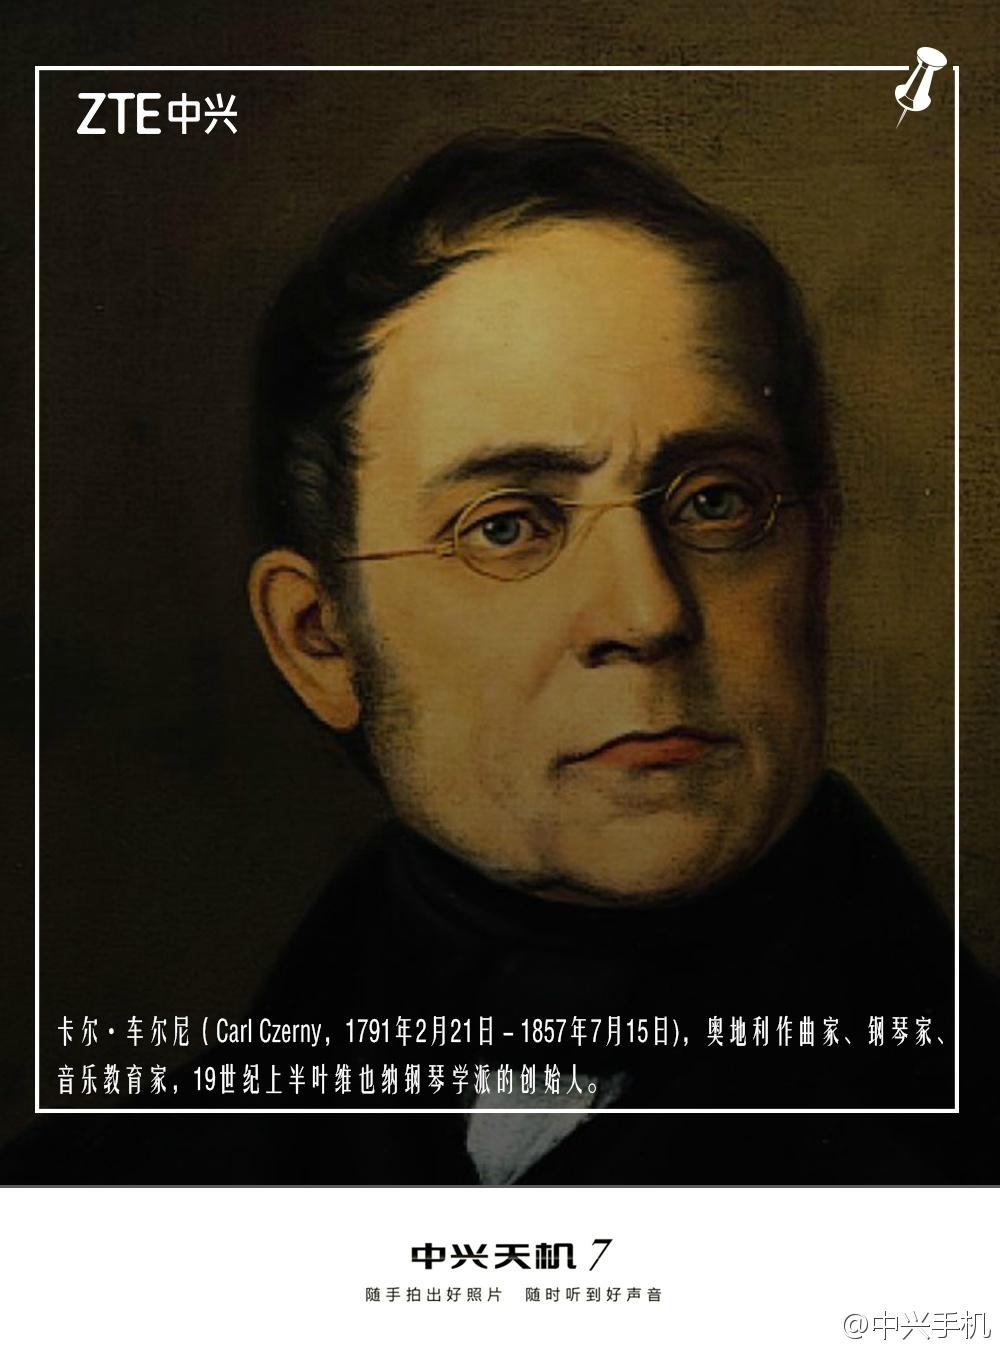 卡尔·车尔尼,奥地利钢琴家、也是一名音乐教育家,维也纳钢琴学派的创始人